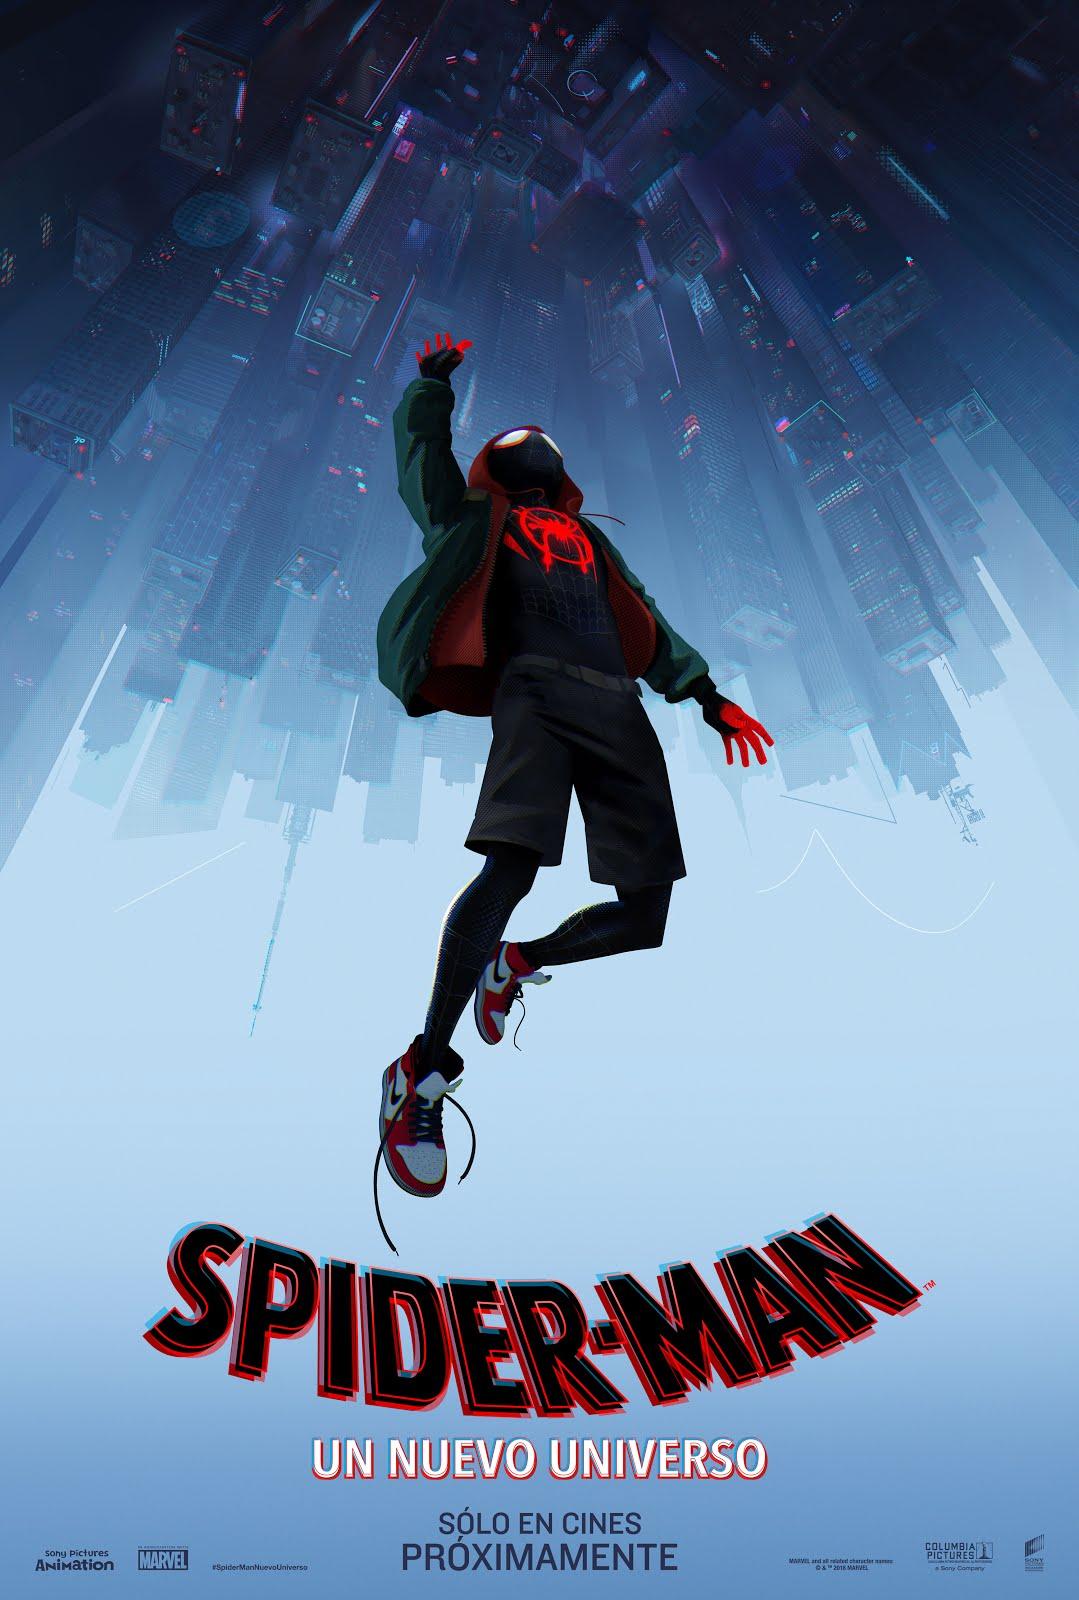 Spider-Man Un Nuevo Universo (21-12-2018)